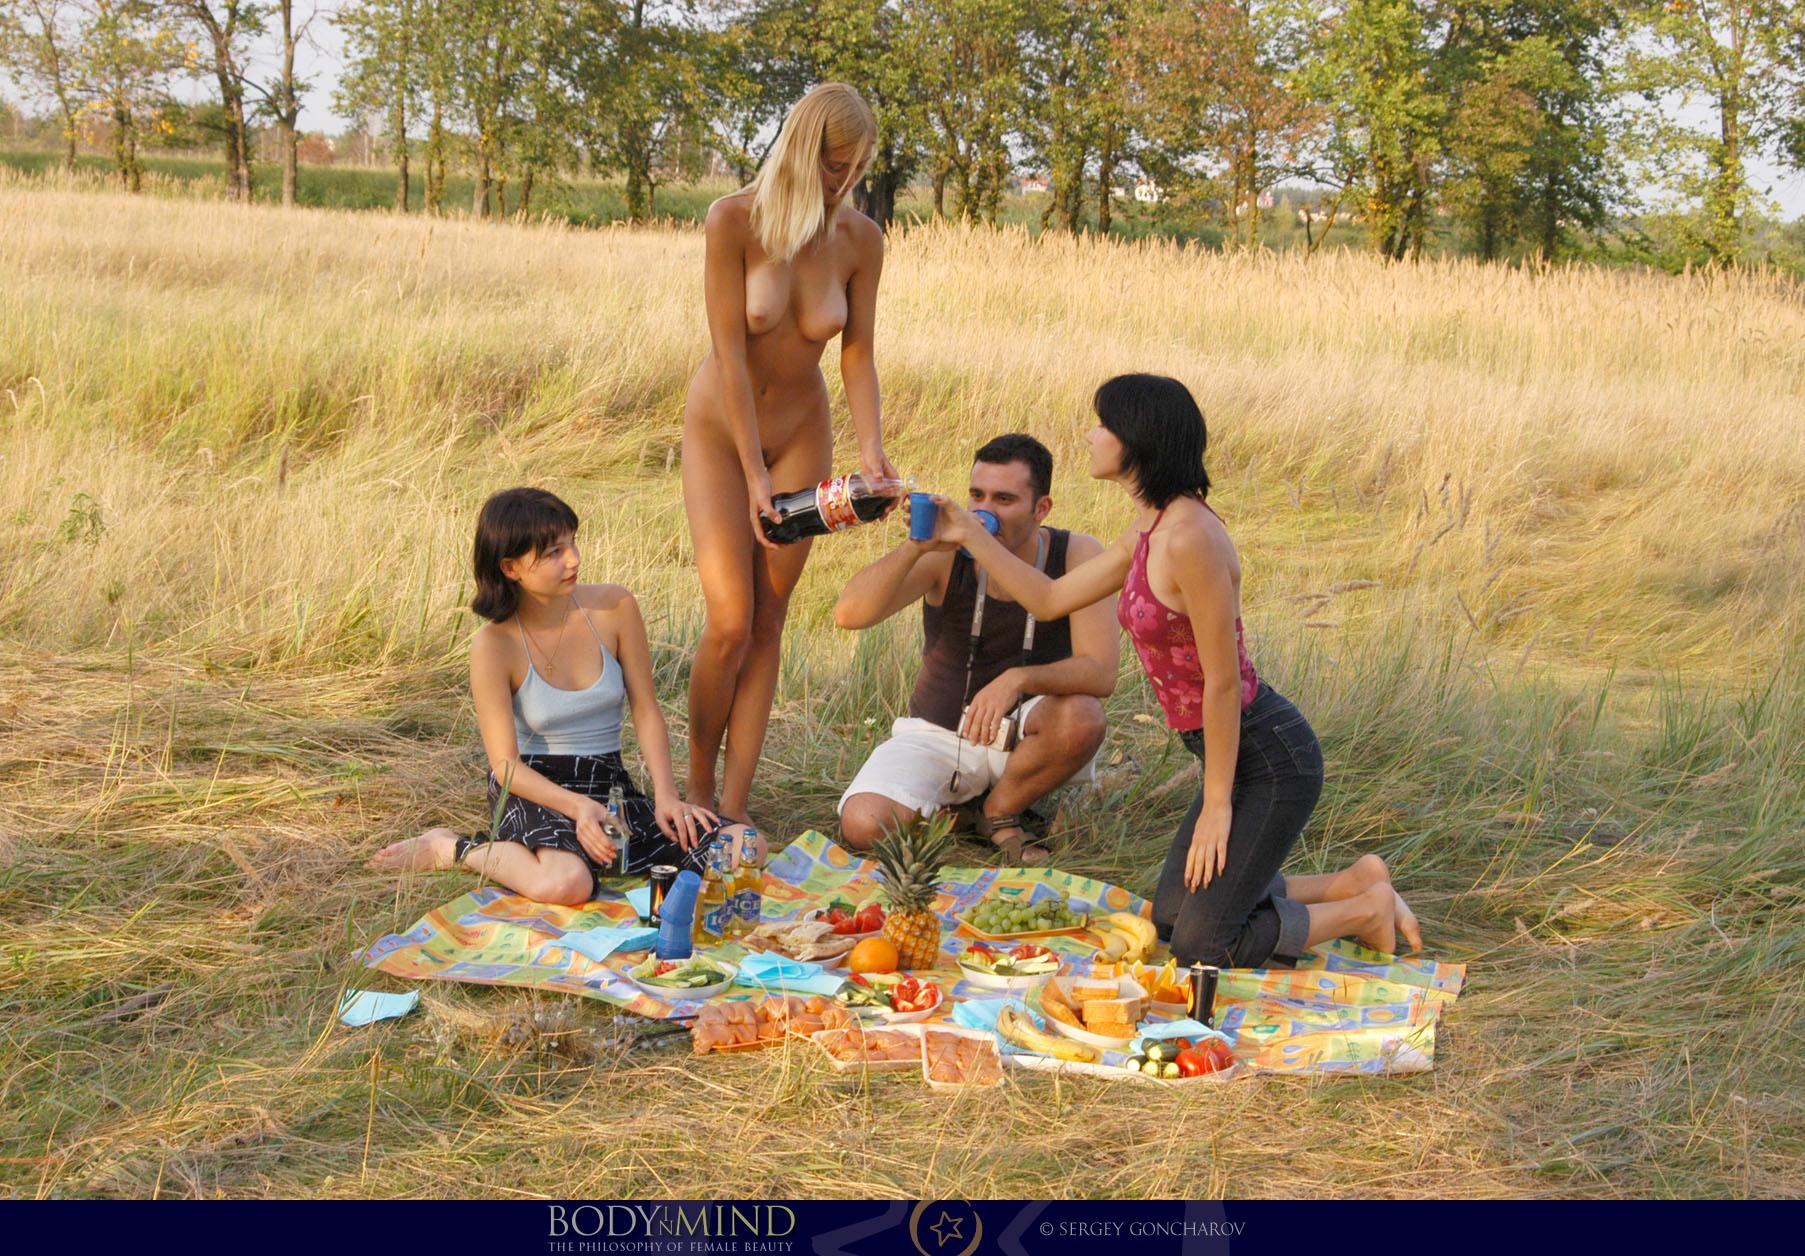 ваня стоял девушки устроили голый пикник на природе видео был против